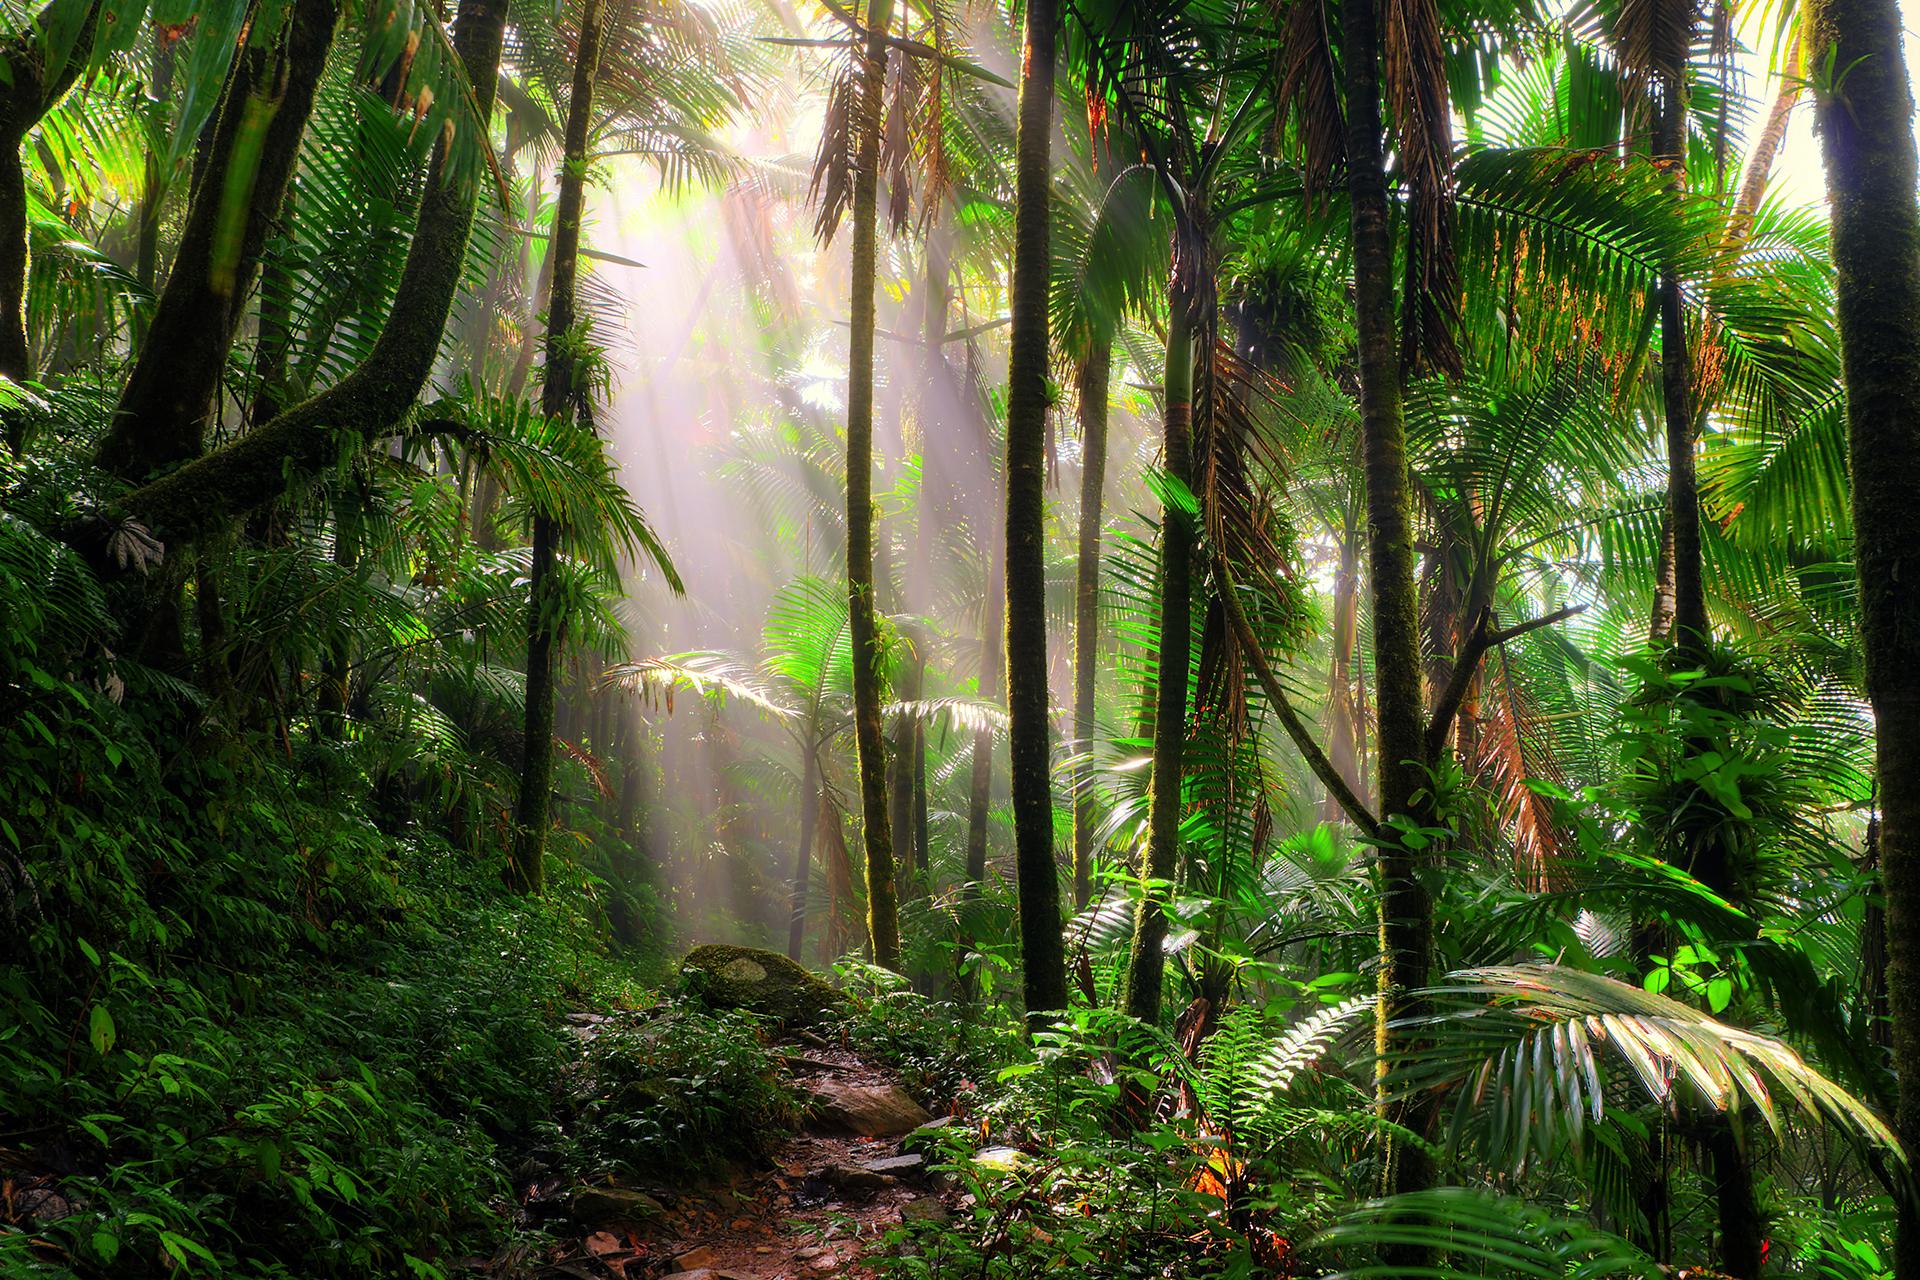 rainforest-in-brazil